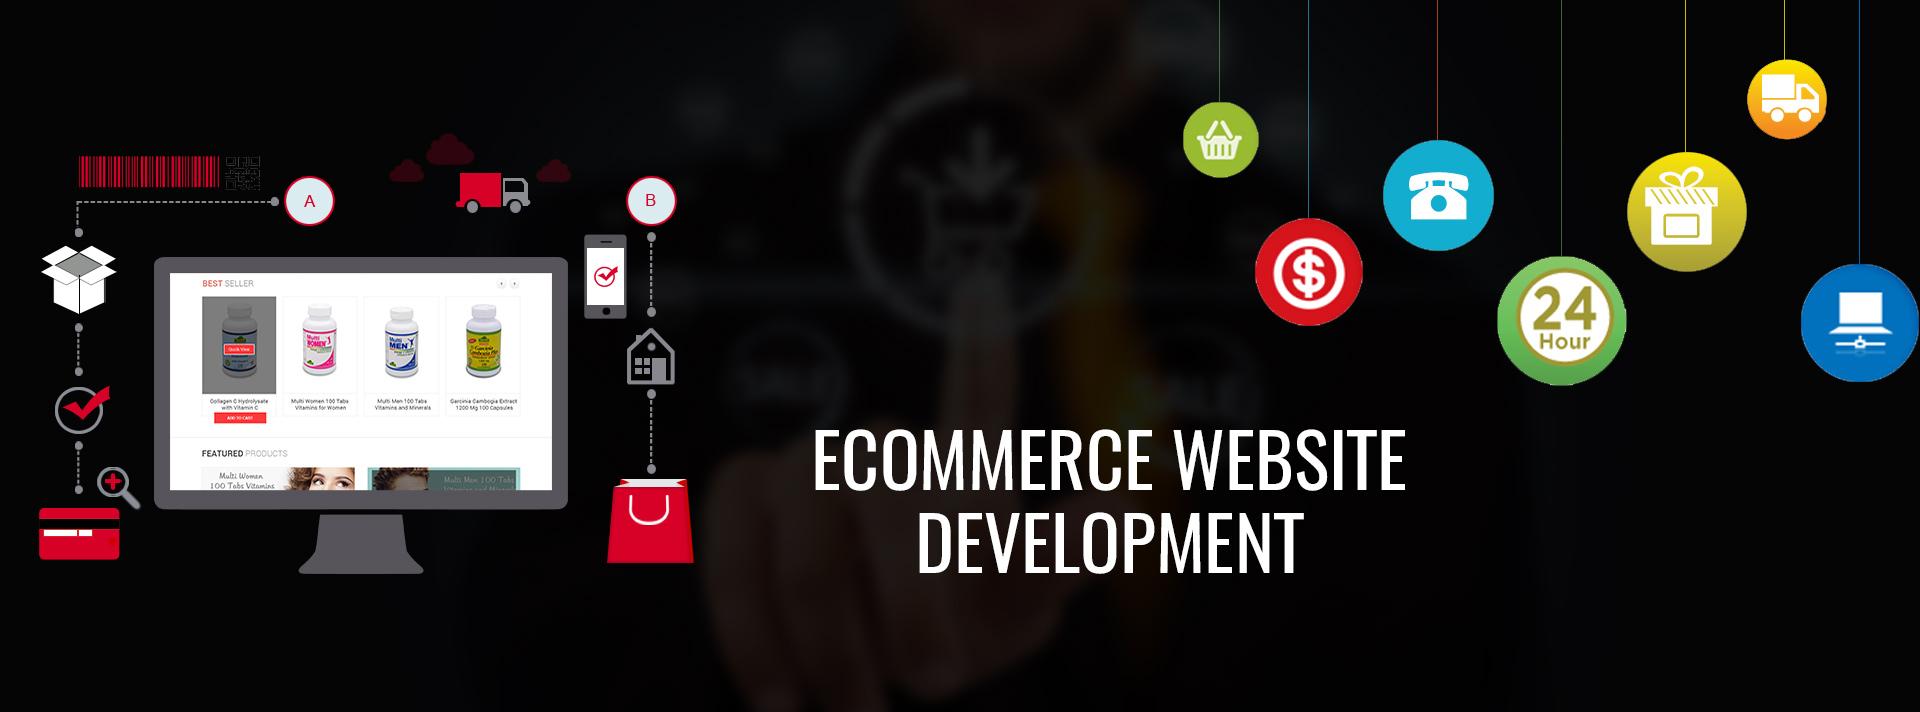 Ecommerce Website Development in Jaipur